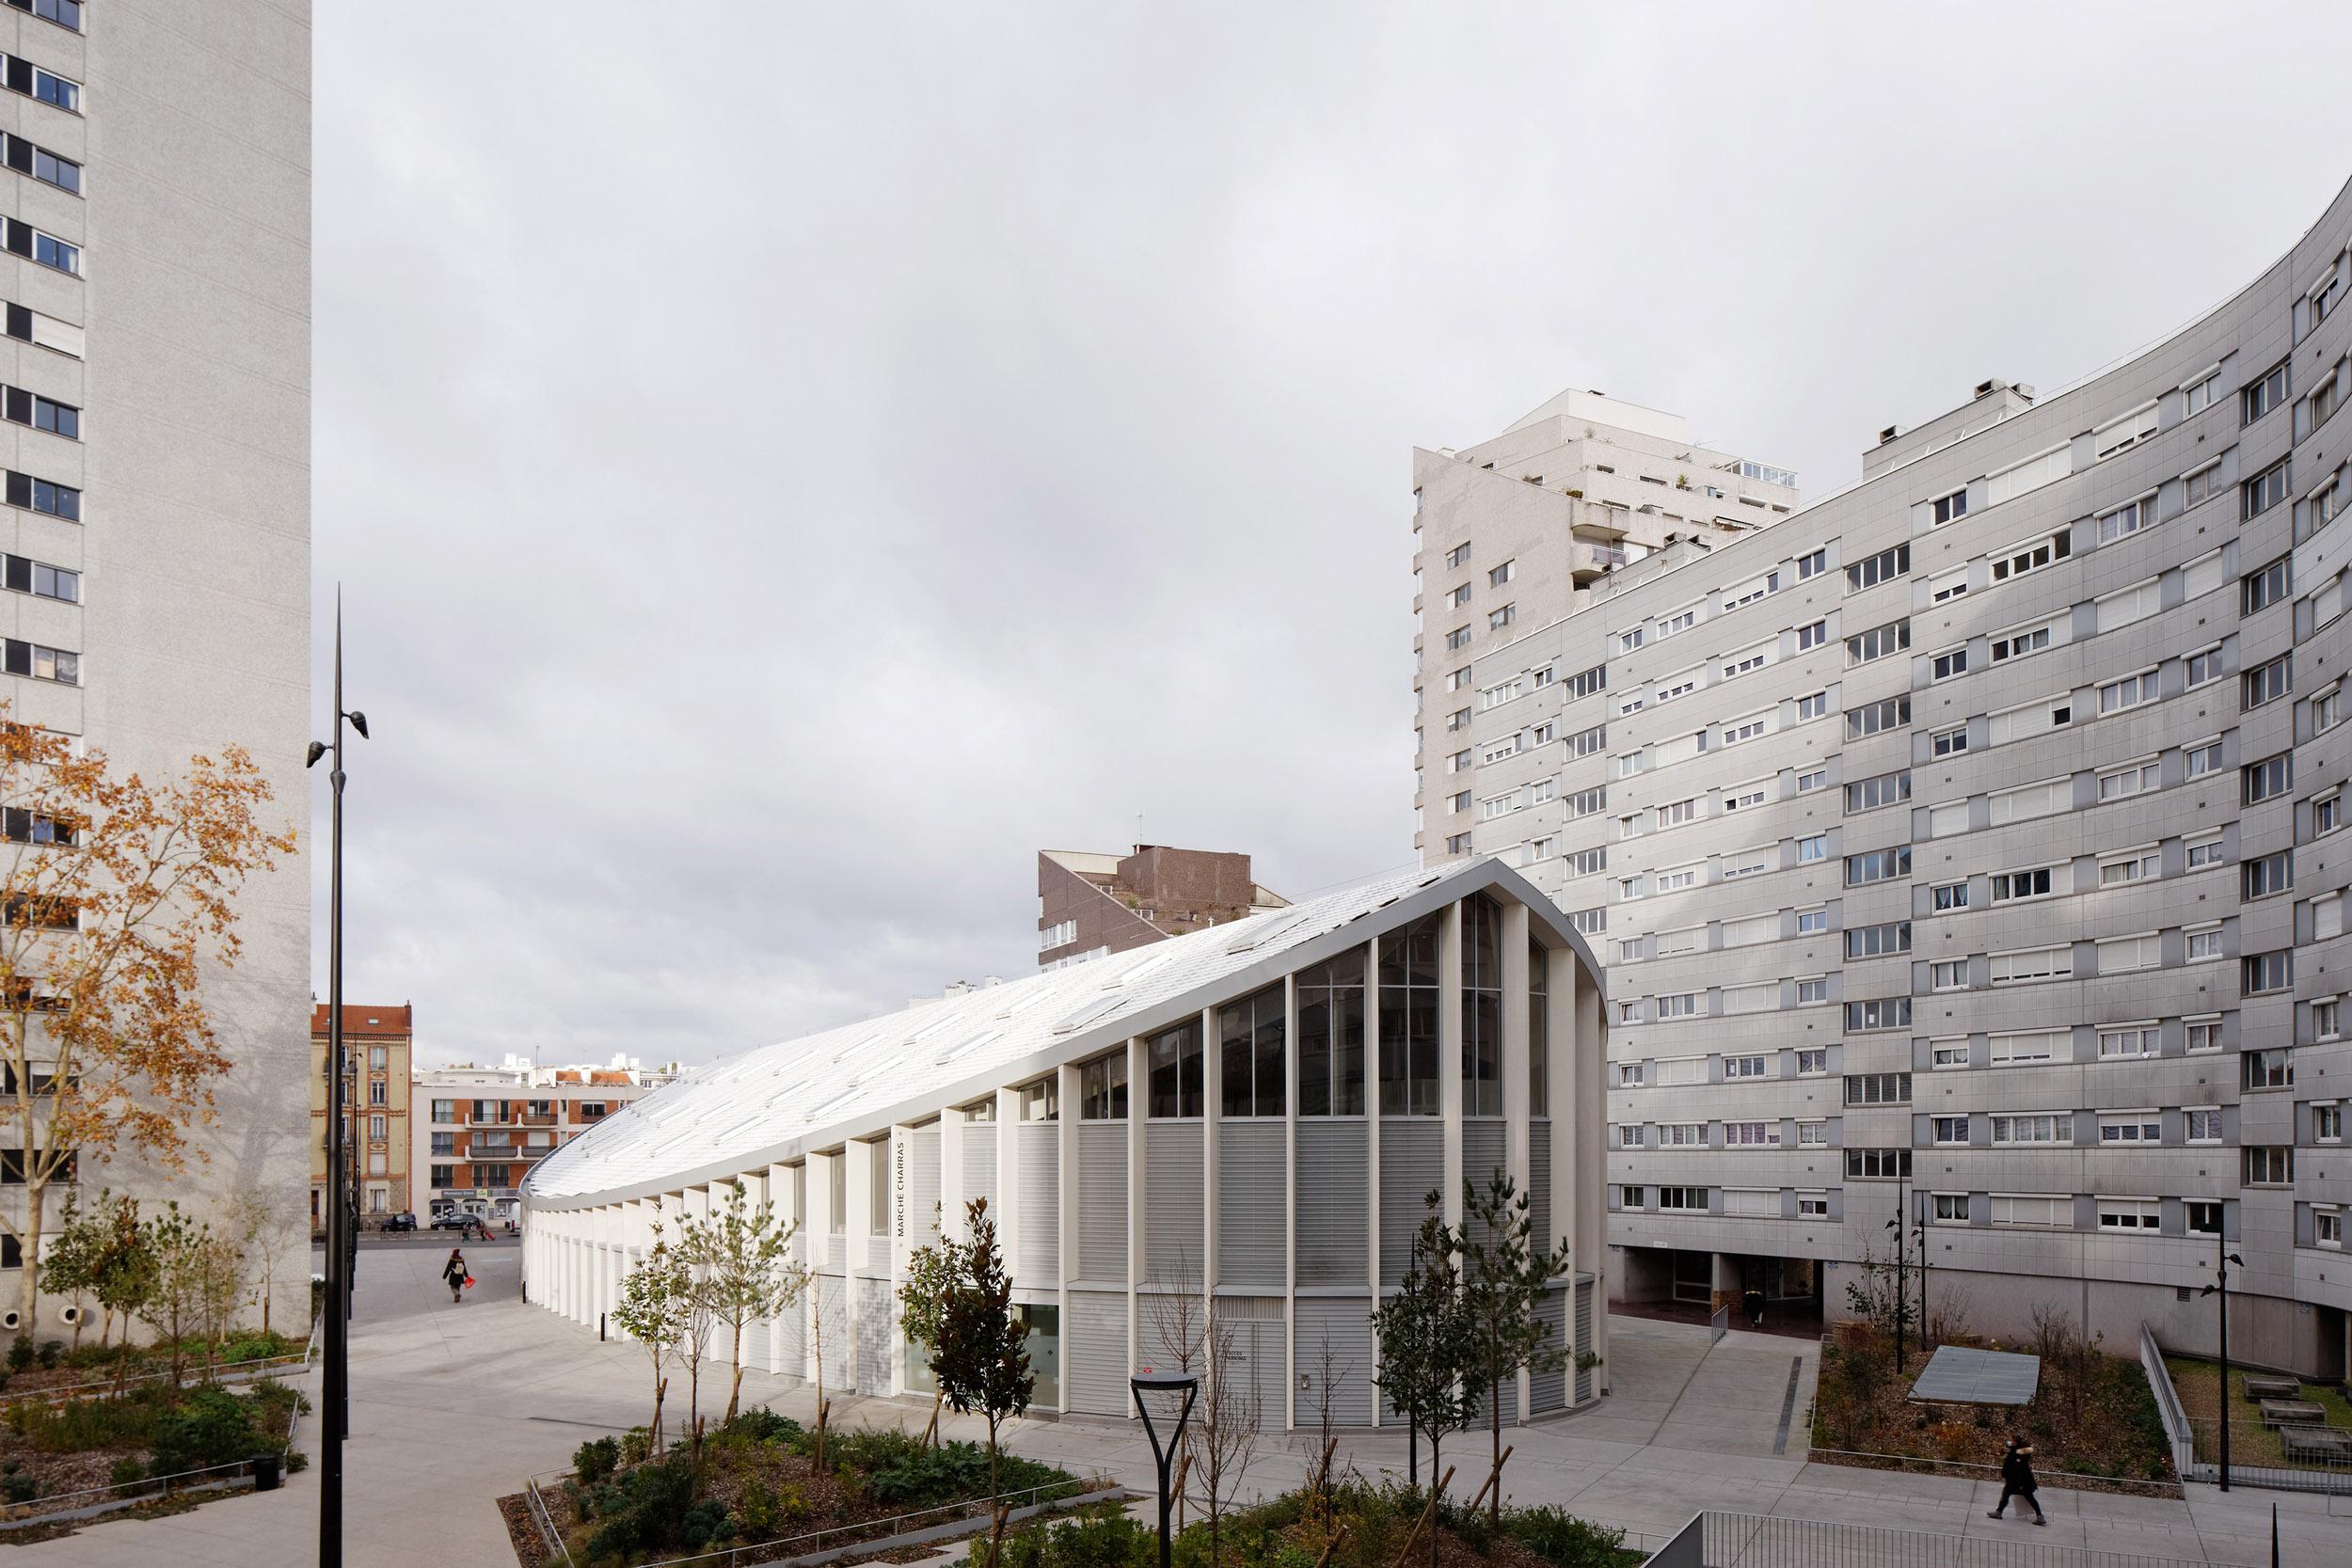 CROIXMARIEBOURDON ARCHITECTES | HALLE DE MARCHÉ COURBEVOIE | Daniel MOULINET